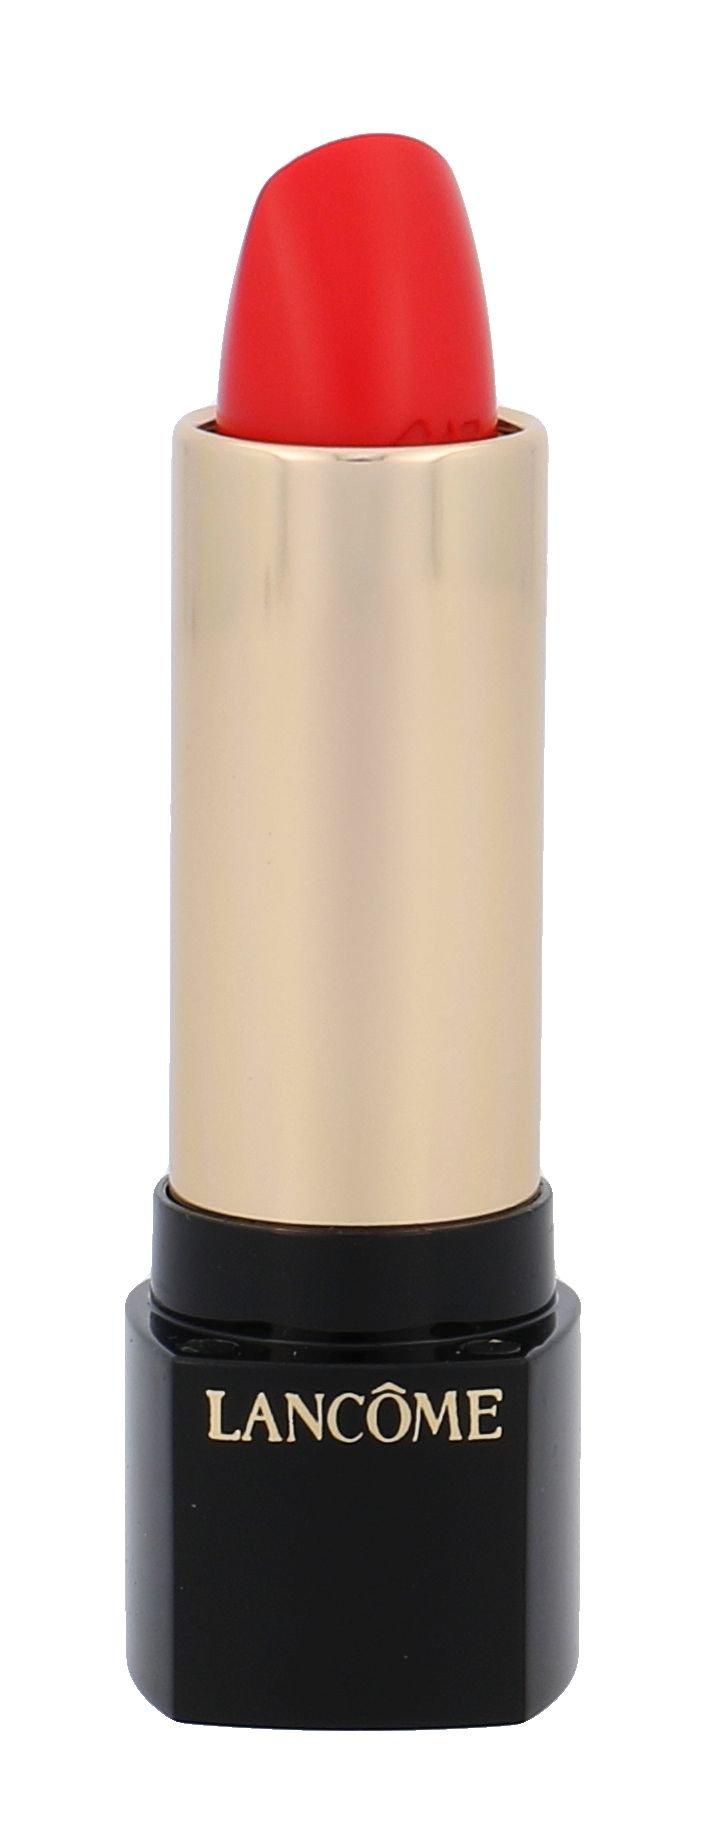 Lancôme L Absolu Rouge Cosmetic 4,2ml 134